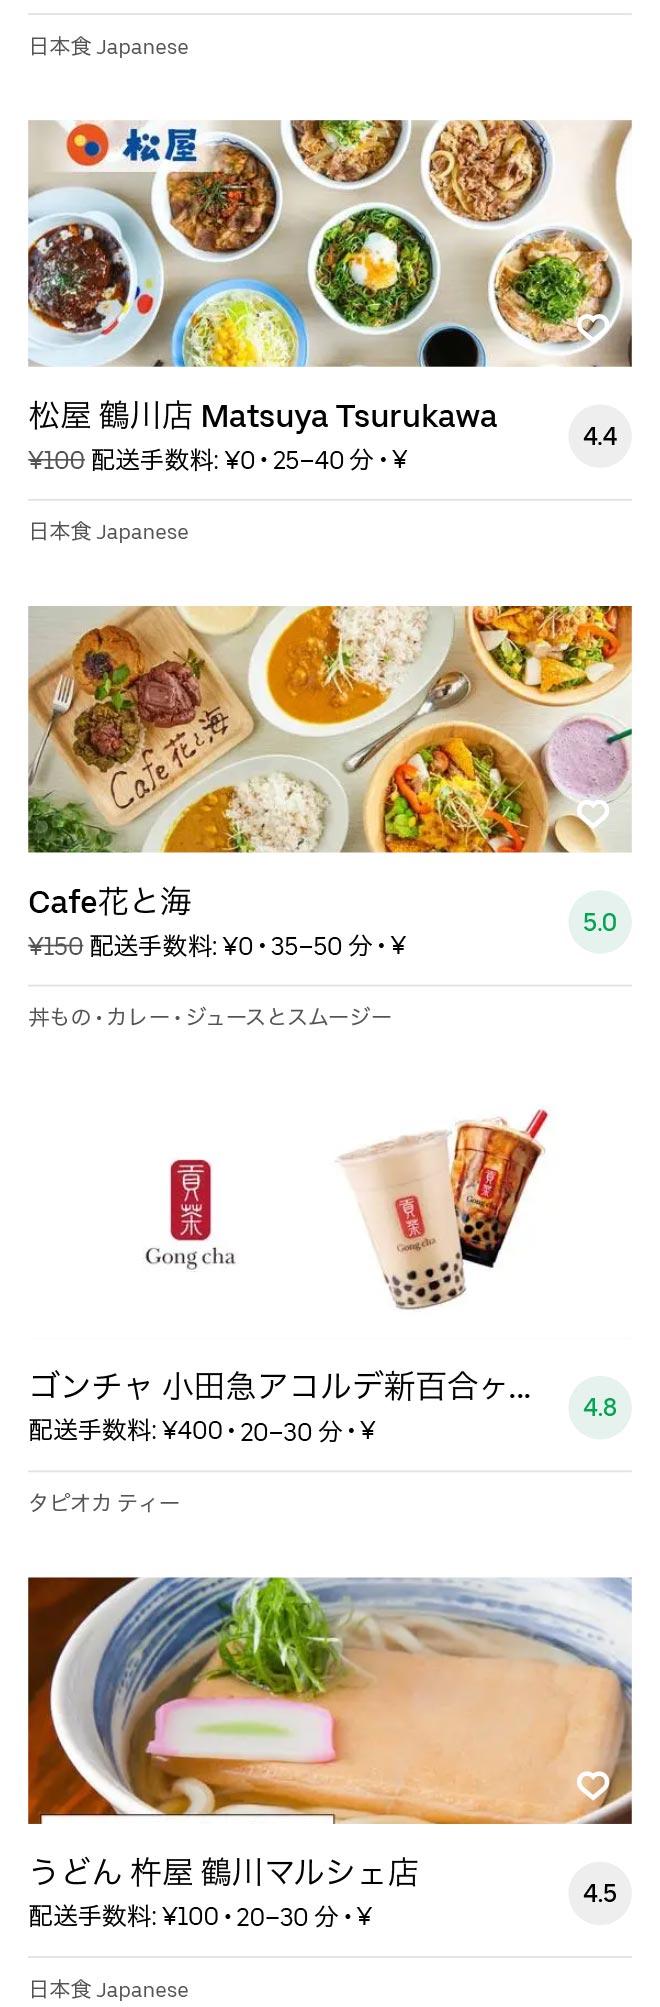 Tsurukawa menu 2010 04